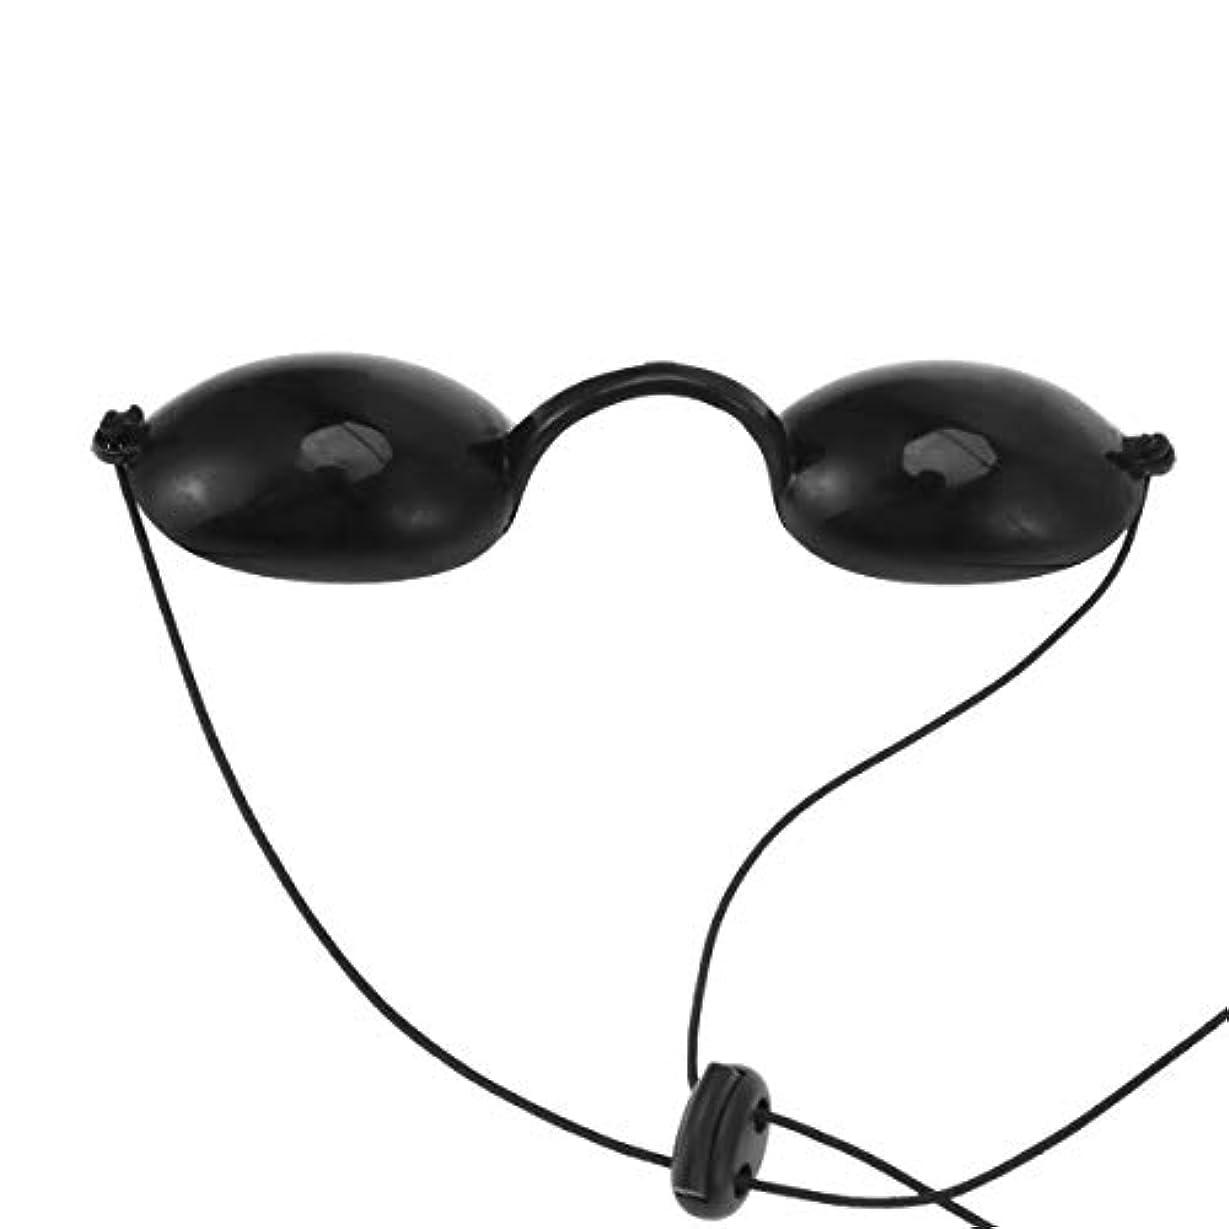 ヒロイントン文献Healifty 眼用保護具日焼け止めゴーグル不透明保護メガネアイシールドスペシャル(目黒)